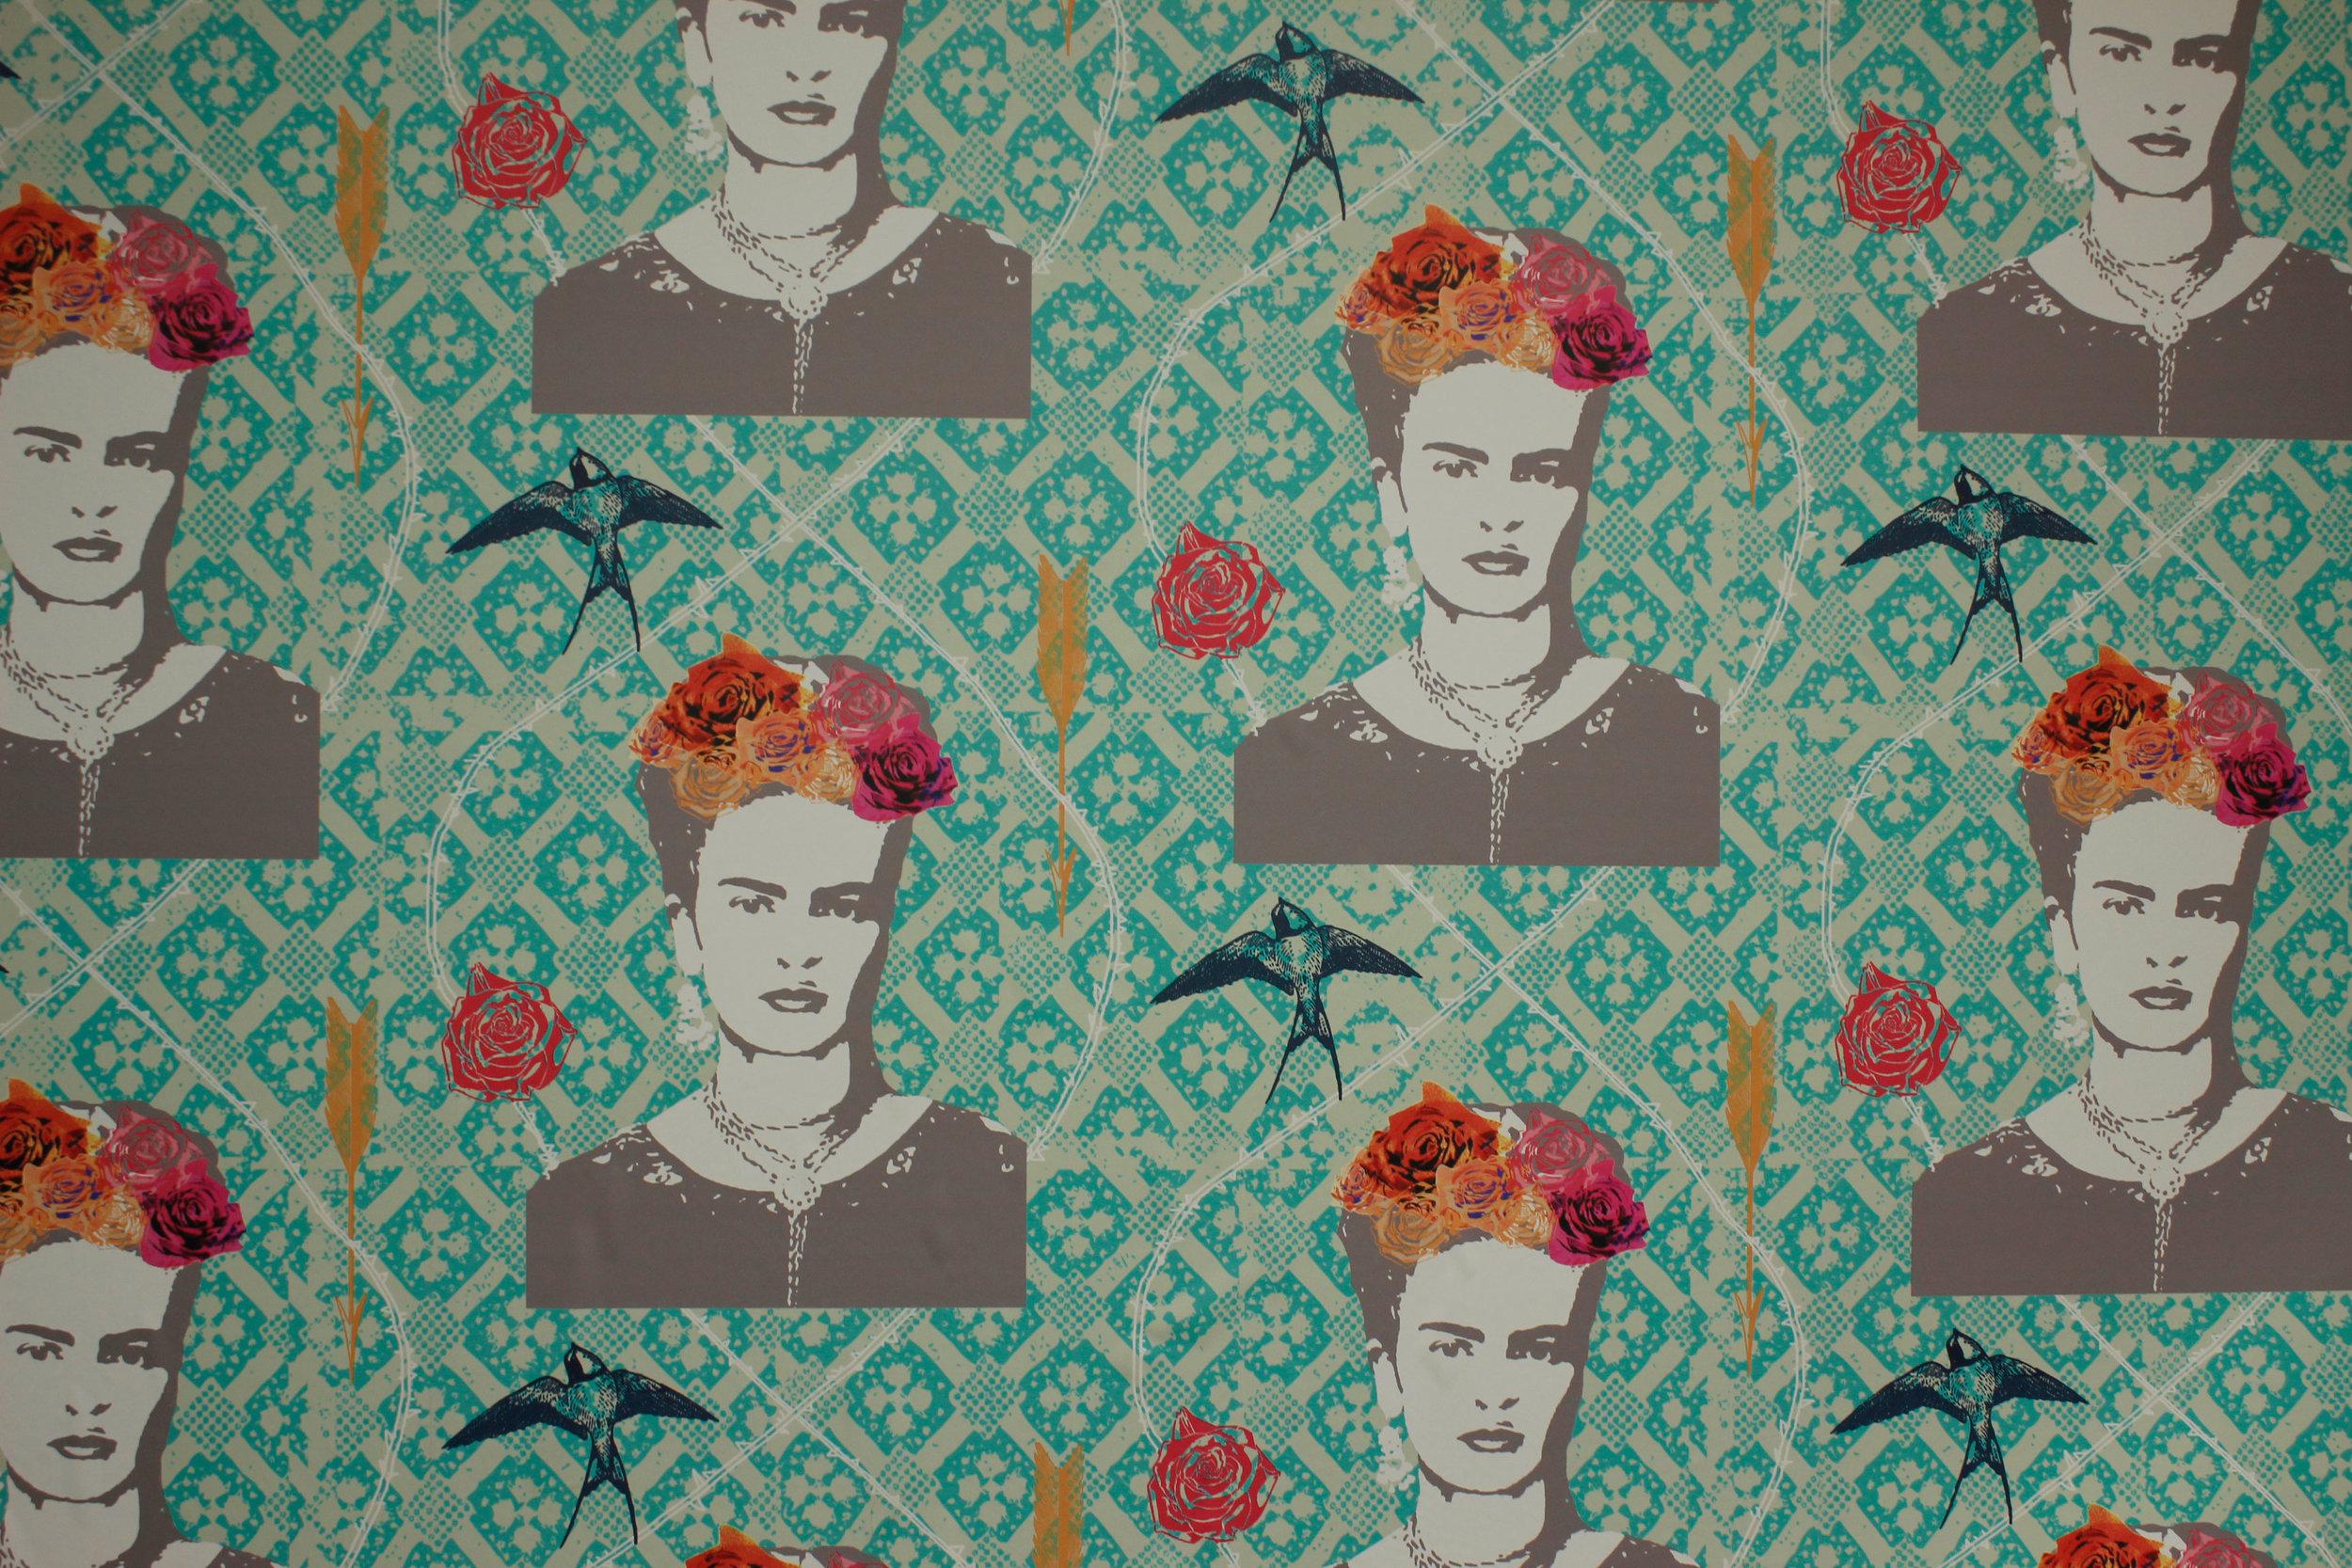 FridaWall.jpg